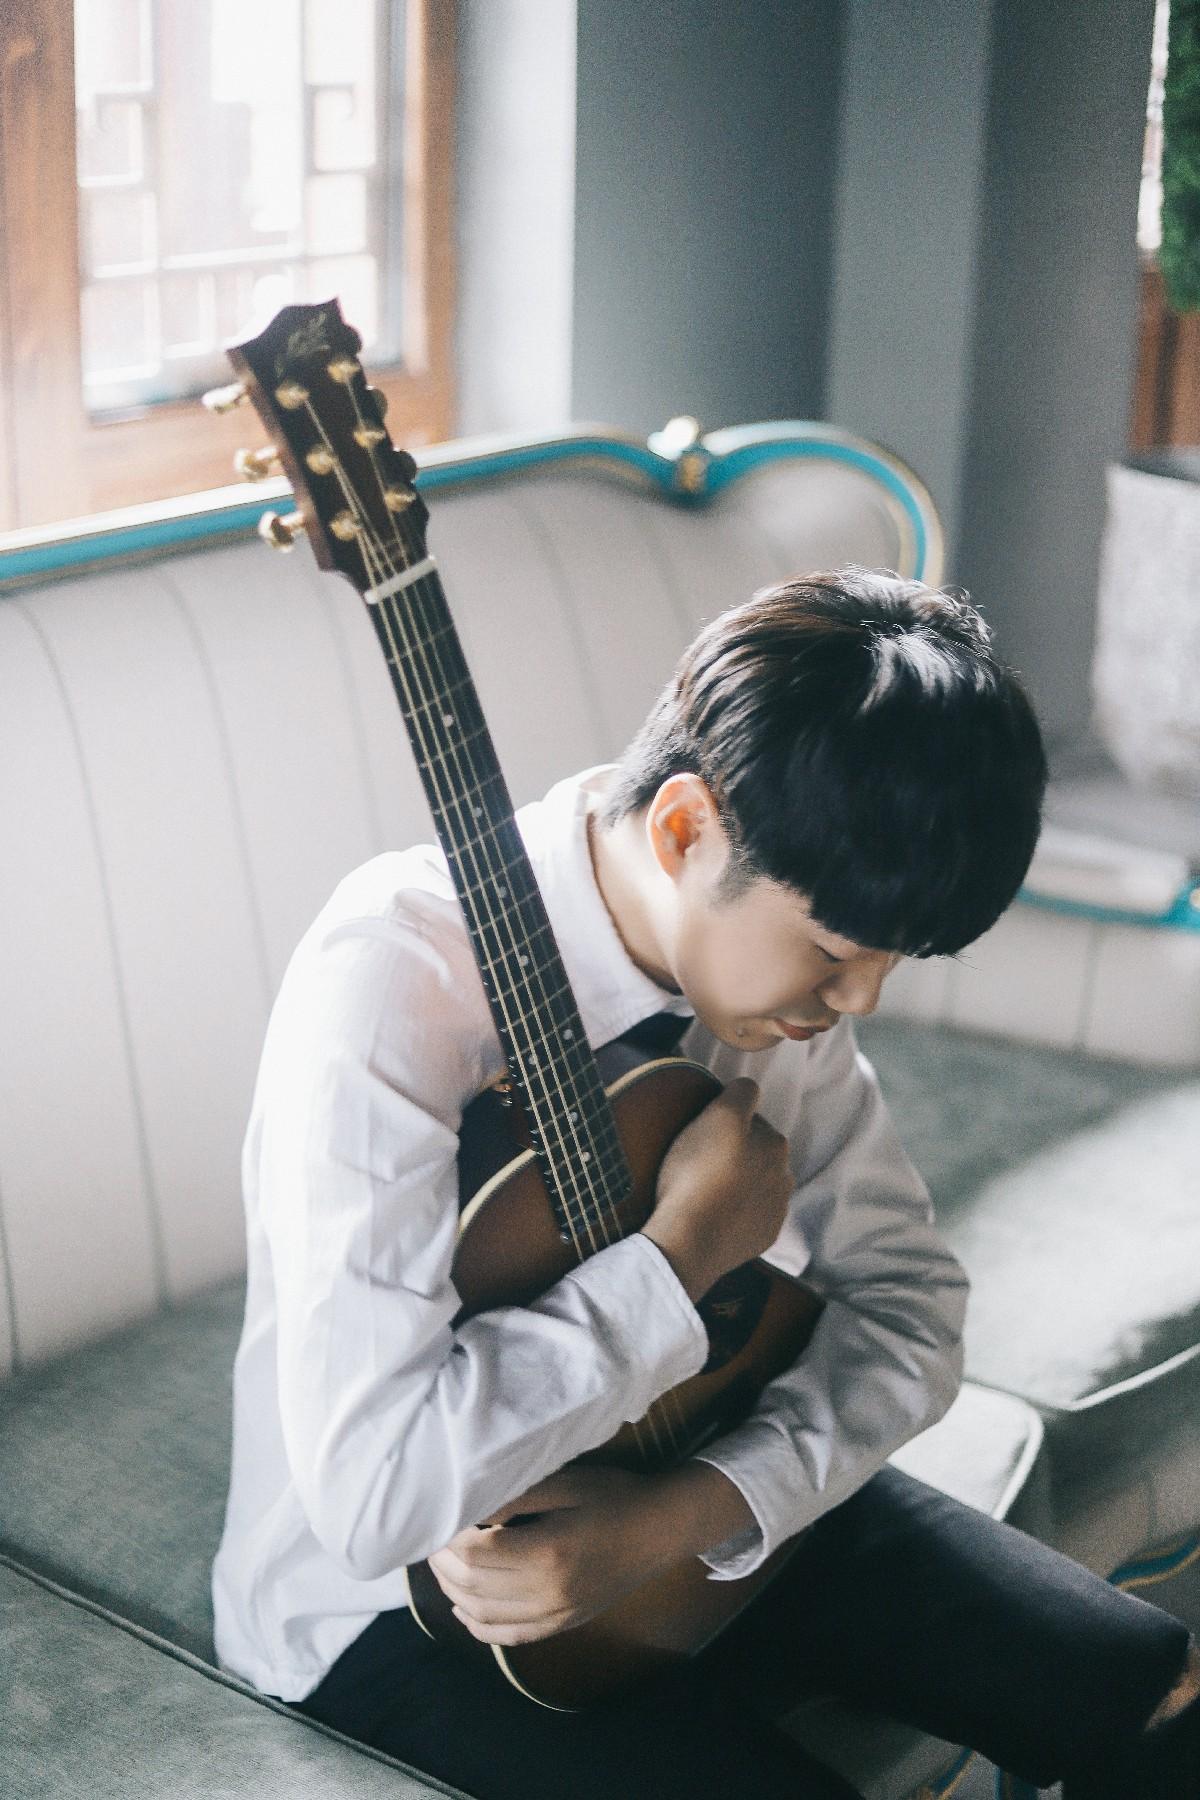 新歌首发:民谣在路上联手陈硕子《如果此生没有遇见你》